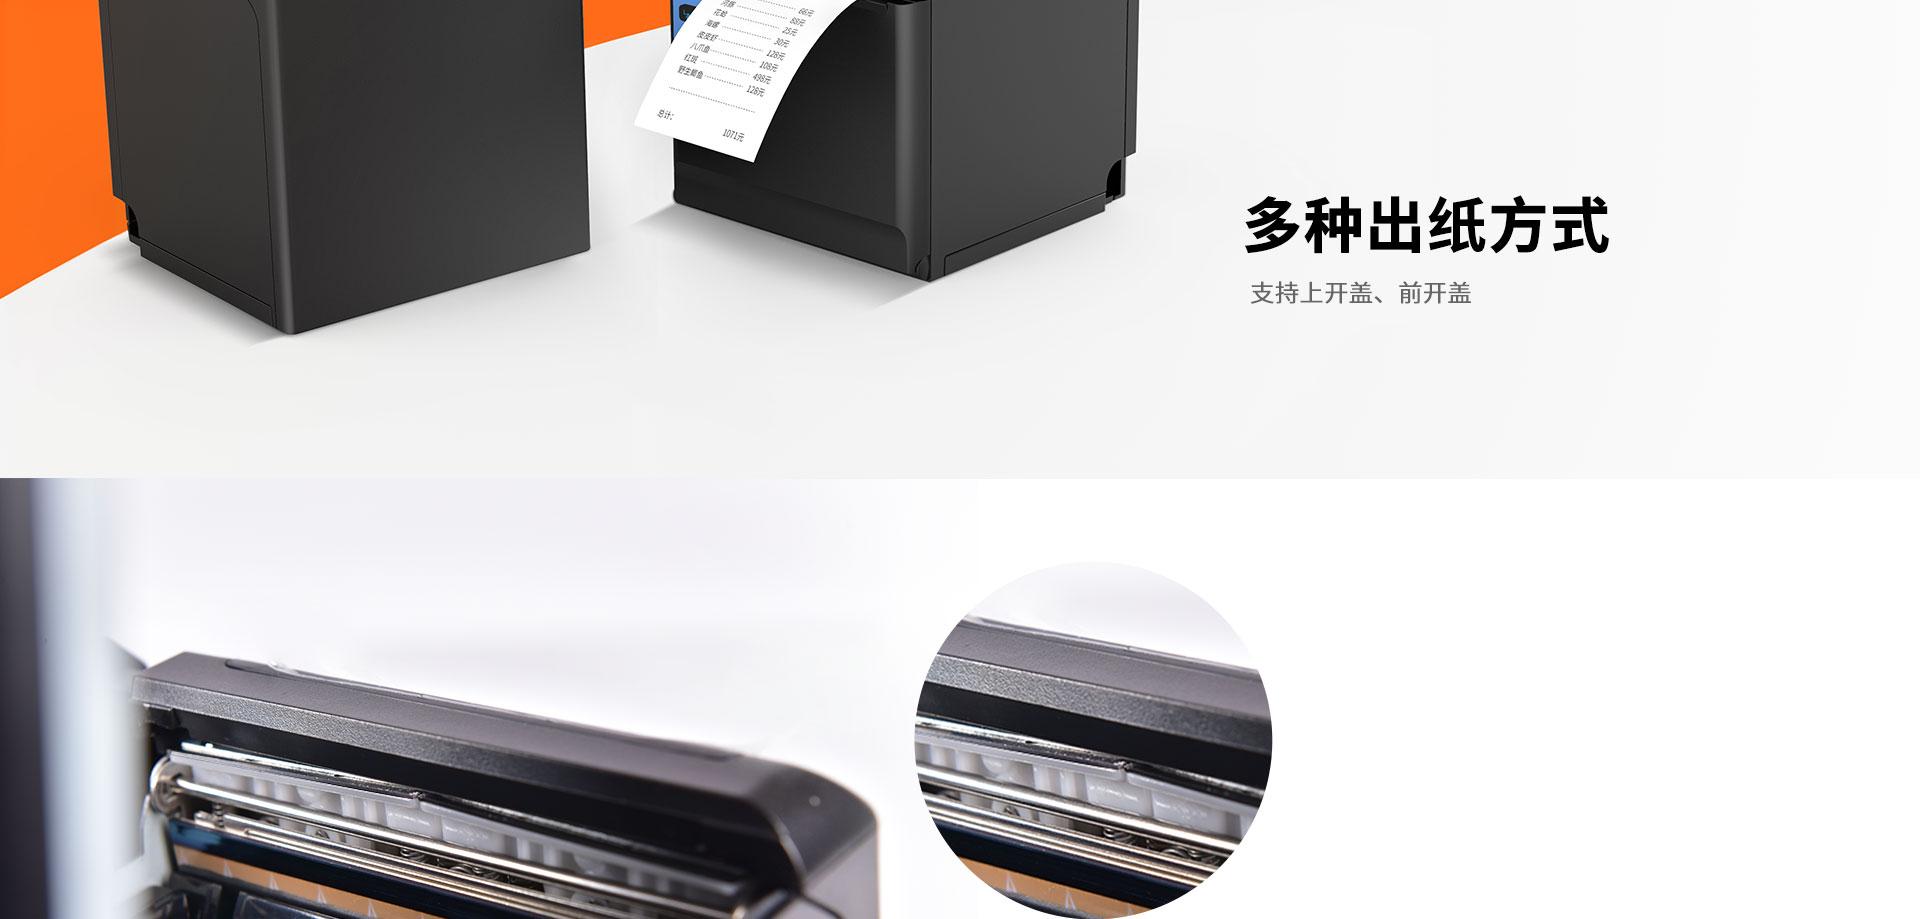 TP808立体时尚设计热敏票据打印机  第6张